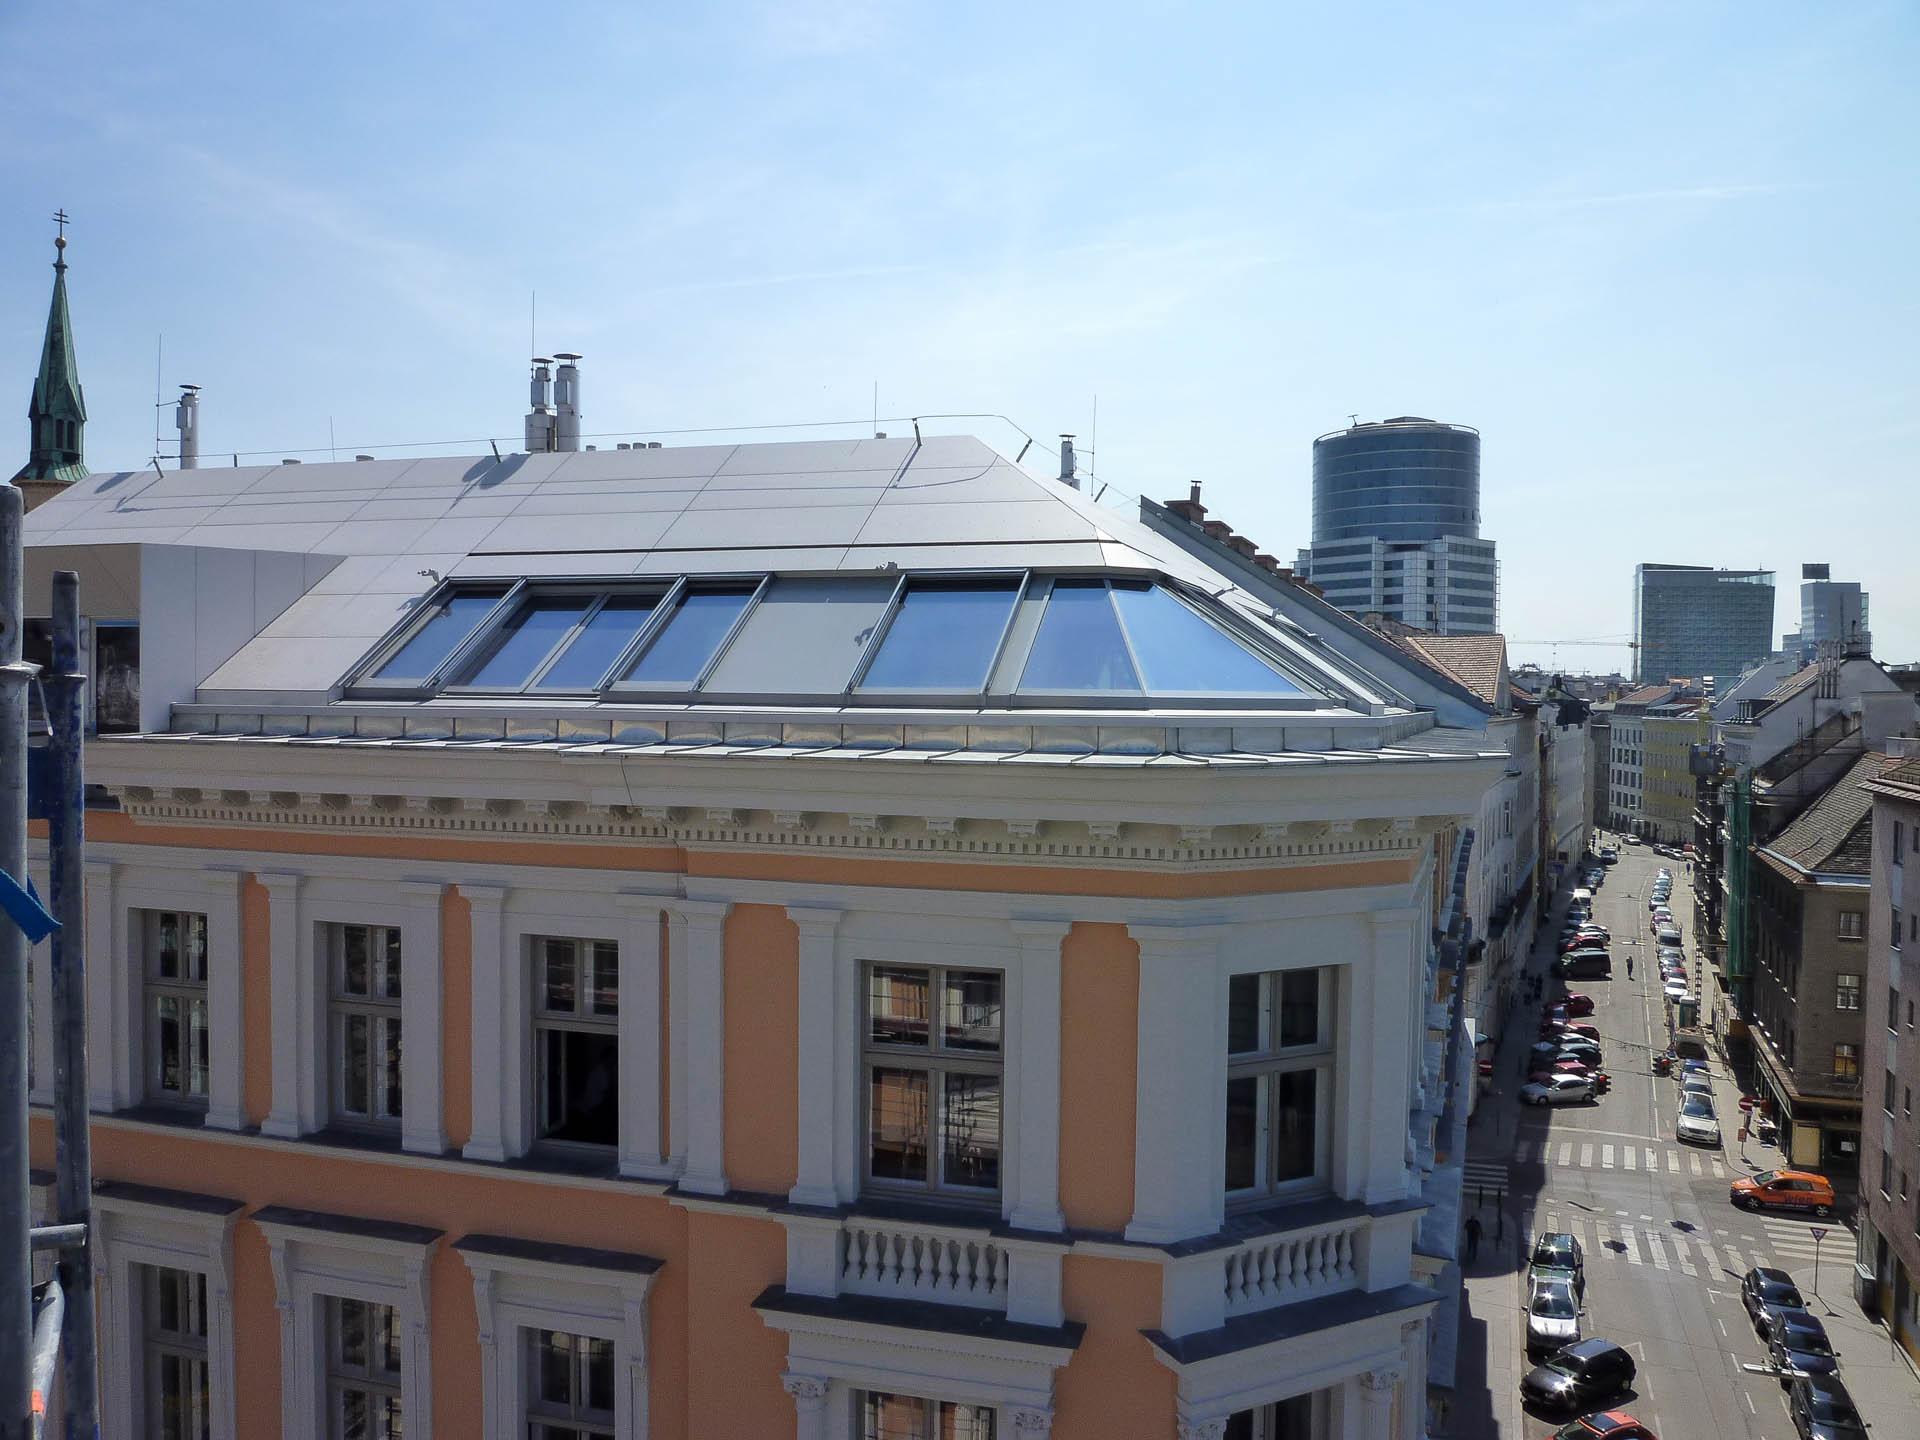 Praterblick durch Panorama-Dachflächenfenster